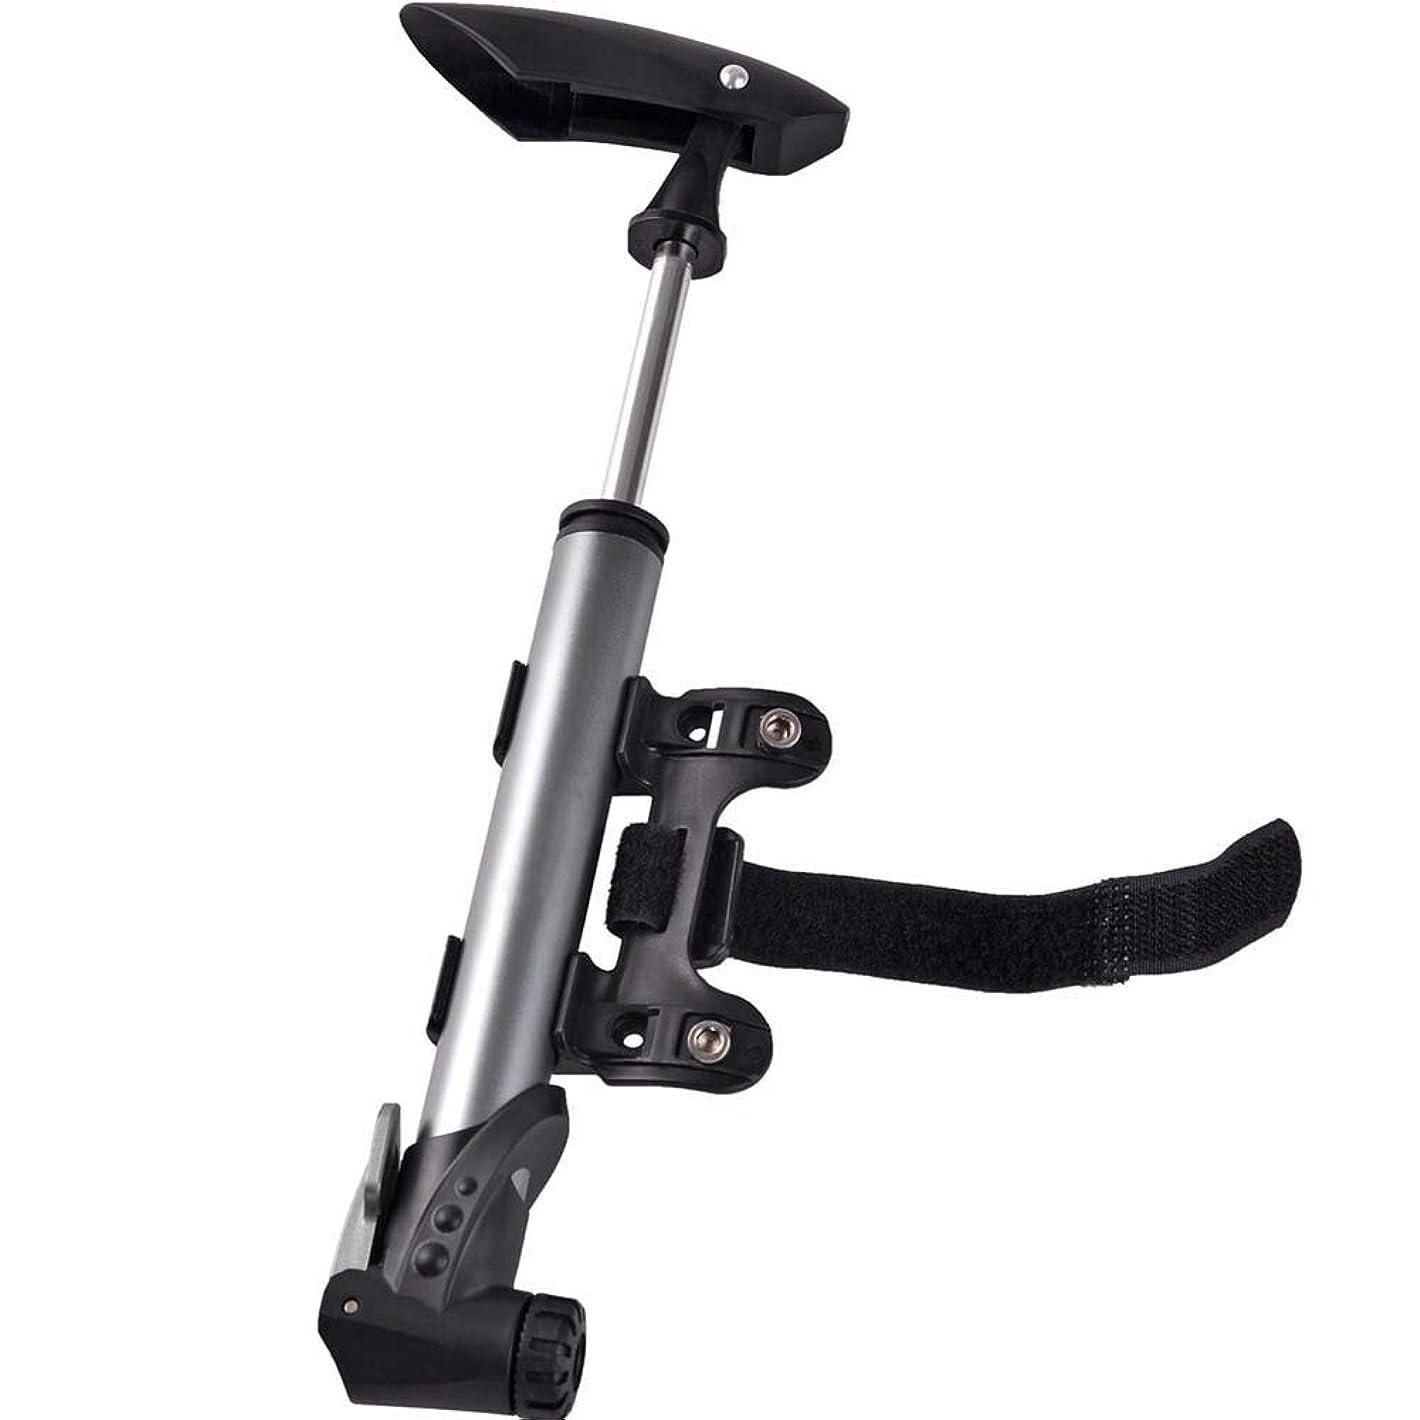 相対性理論ペストリーフィードバック高圧携帯用自転車ポンプ、アルミ合金の小型バイクの膨脹可能な用具、マウンテンバイクのために適した120PSI高圧、バスケットボール、サッカーボール